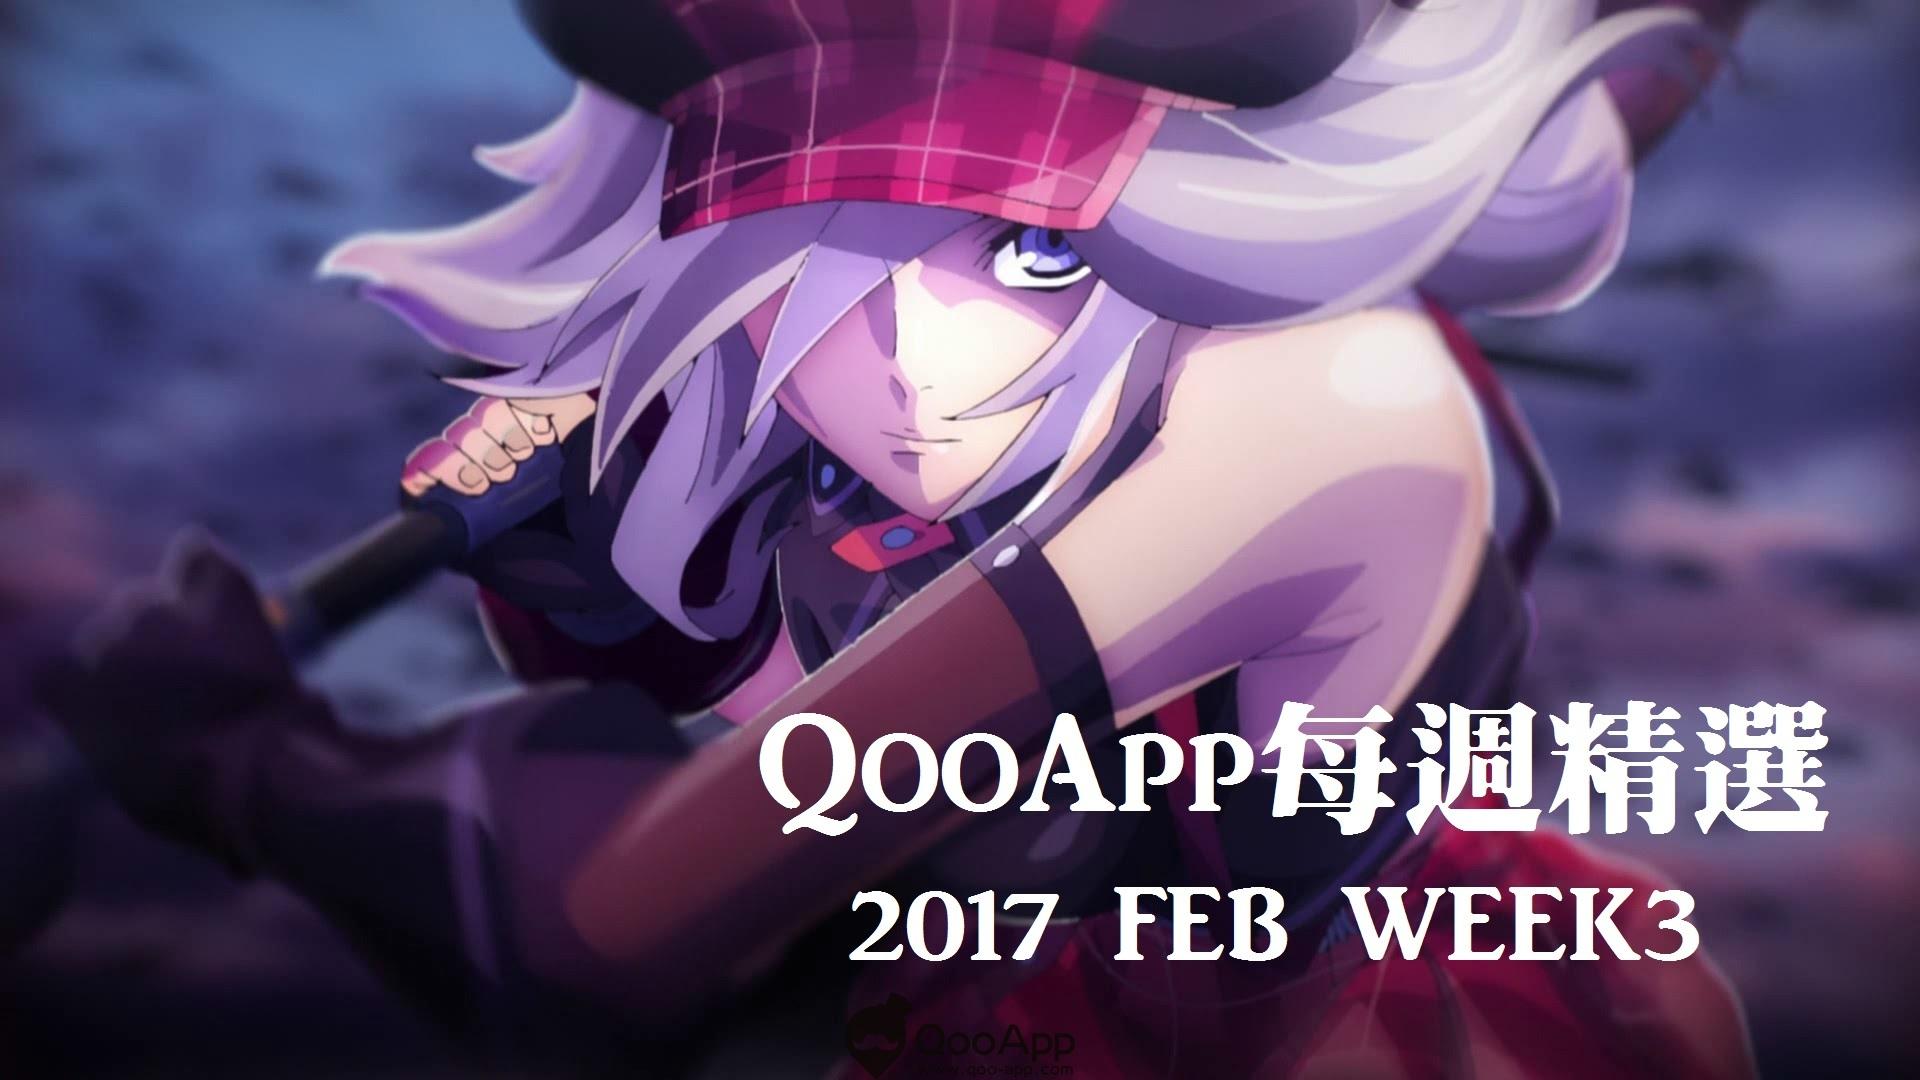 2017年2月第三週的遊戲精選